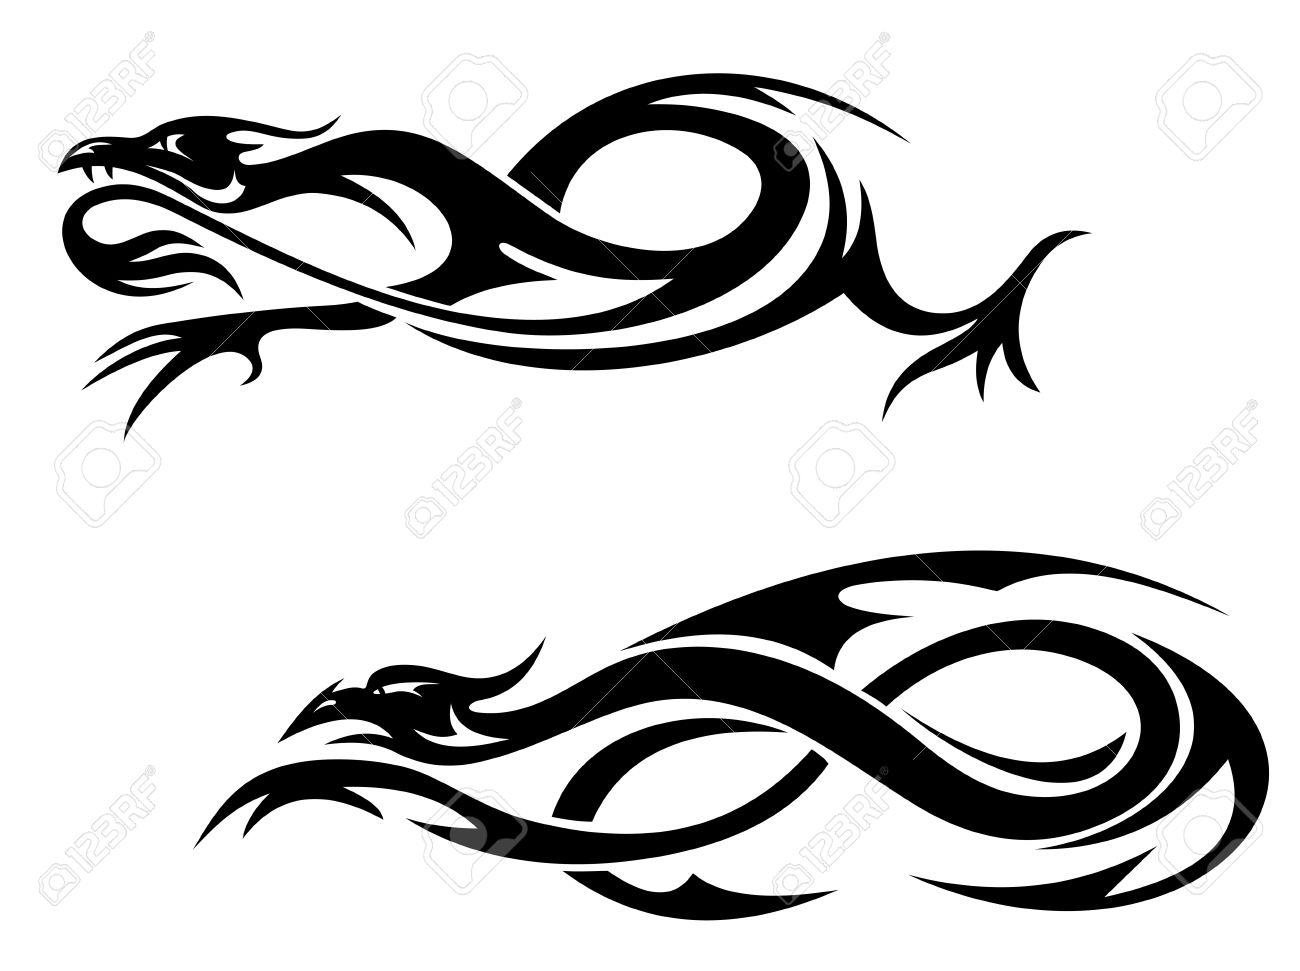 Cabezas De Dragones Para Tatuar dragones tribales negros y monstruos para tatuaje. ilustración vectorial